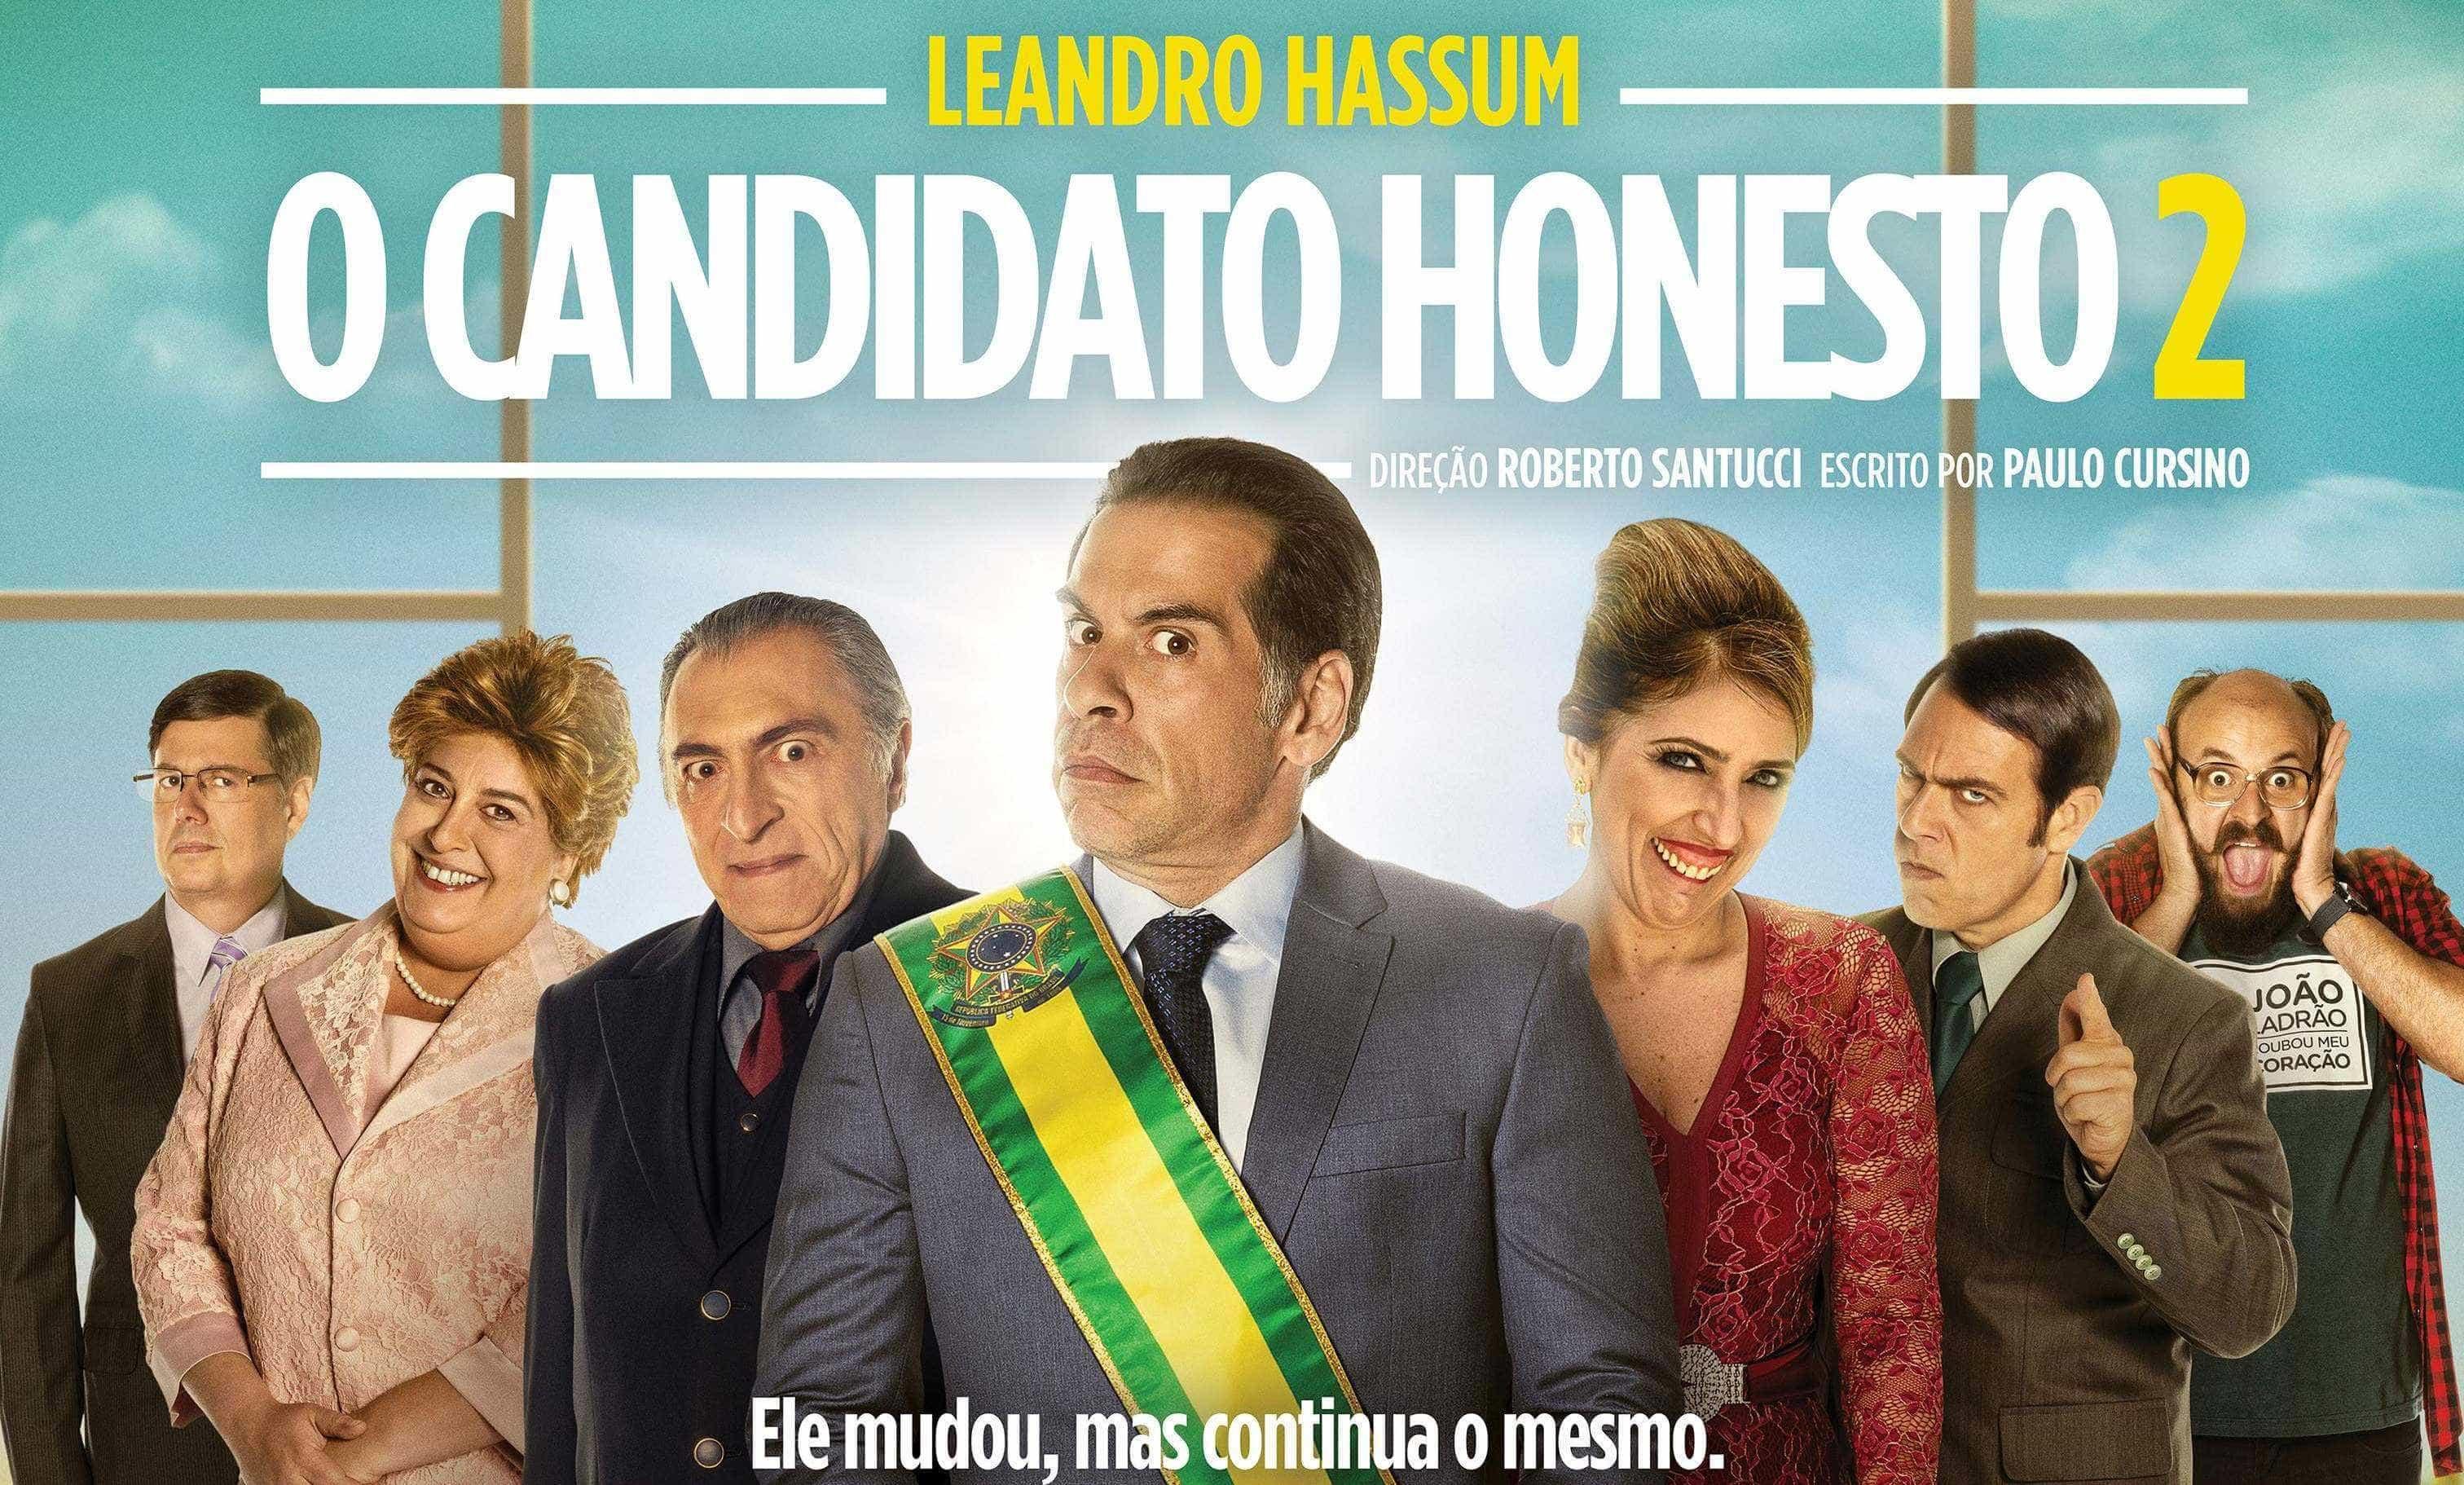 'O Candidato Honesto 2' é seletivo ao parodiar políticos